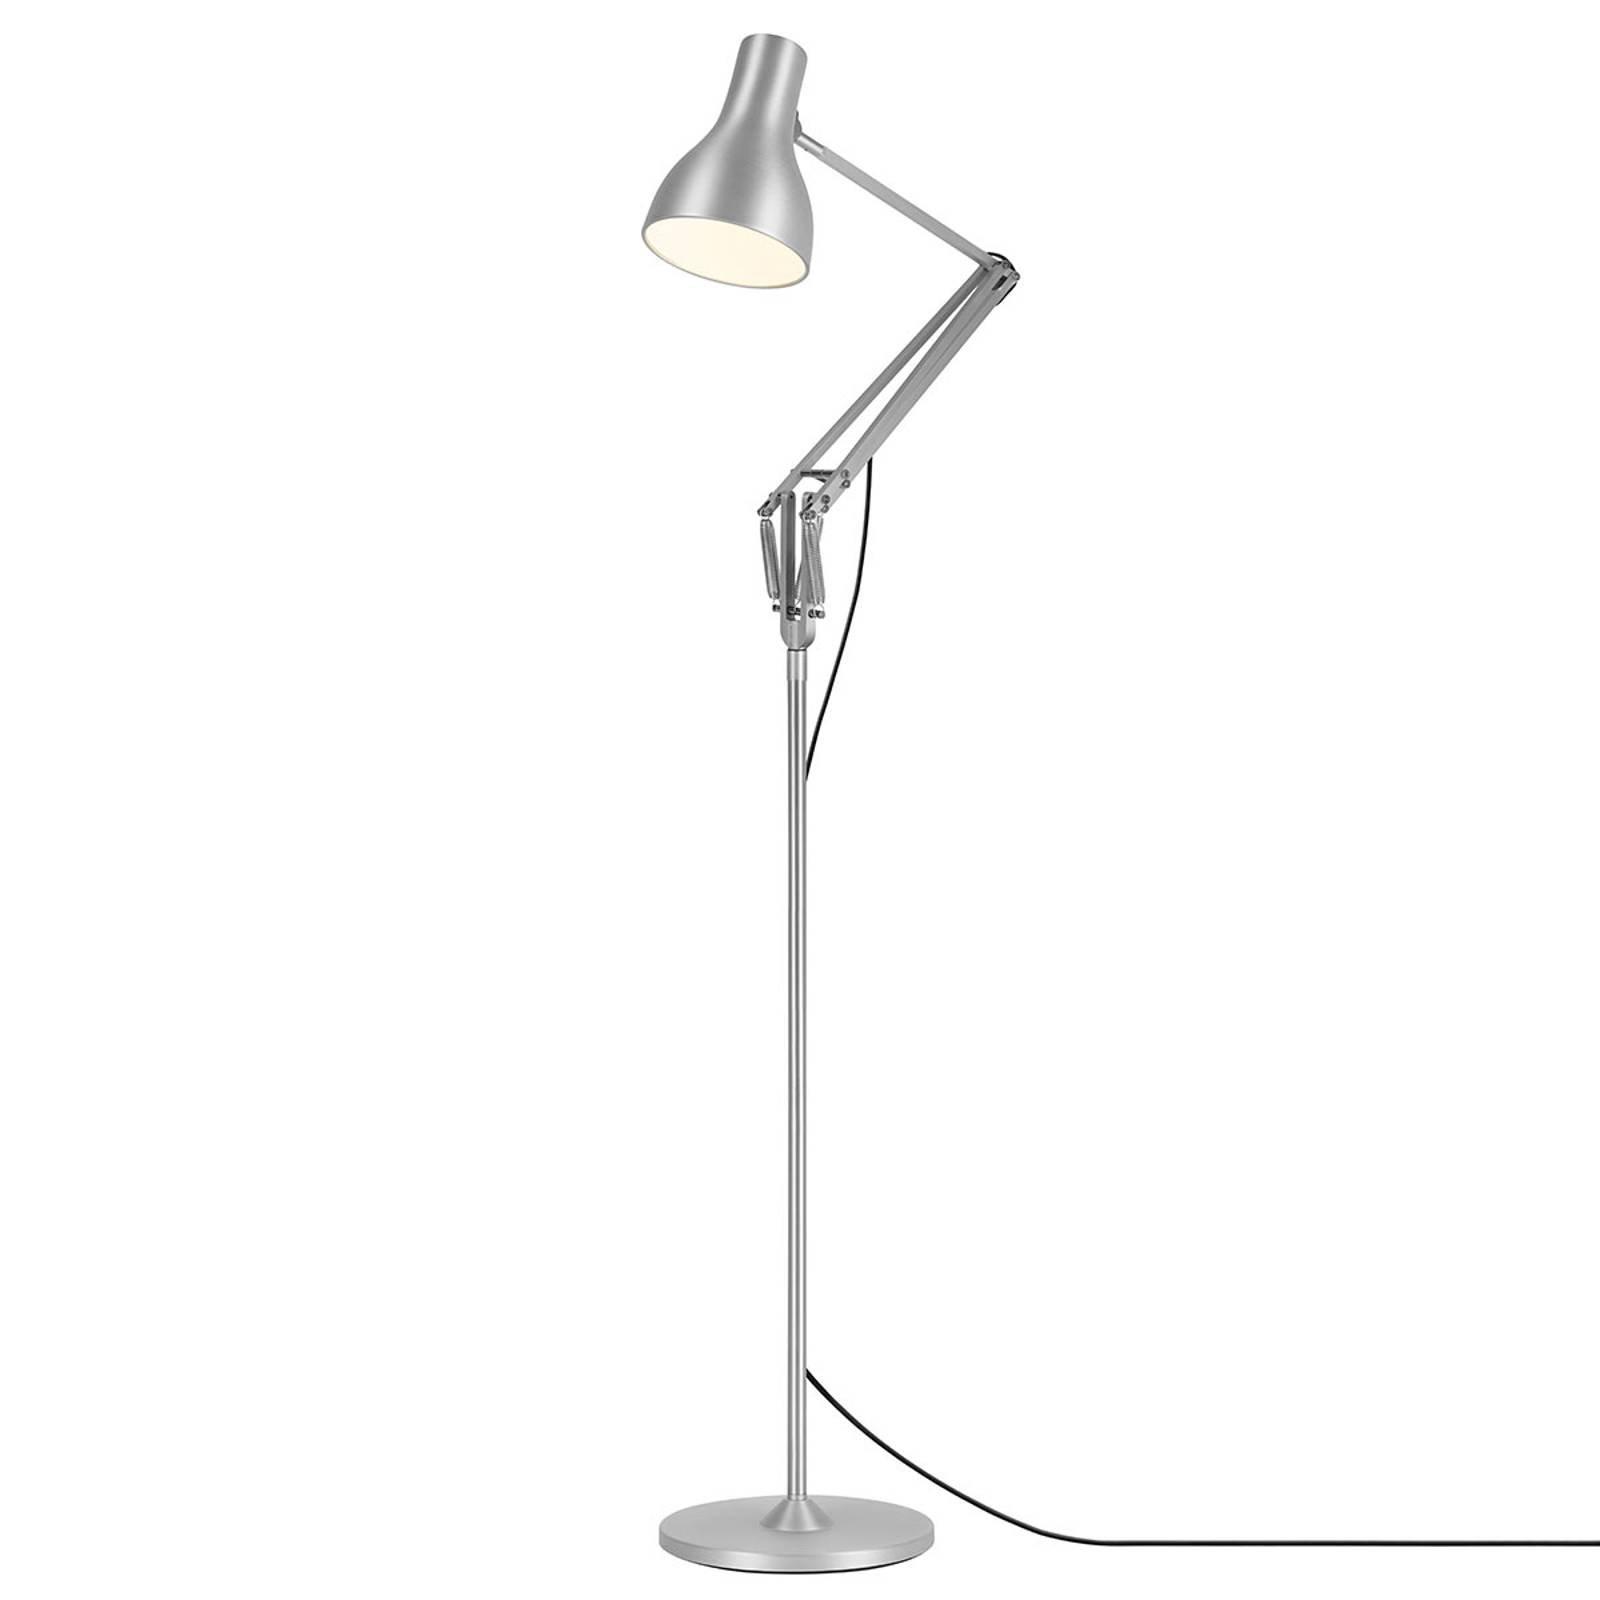 Anglepoise Type 75 gulvlampe sølv